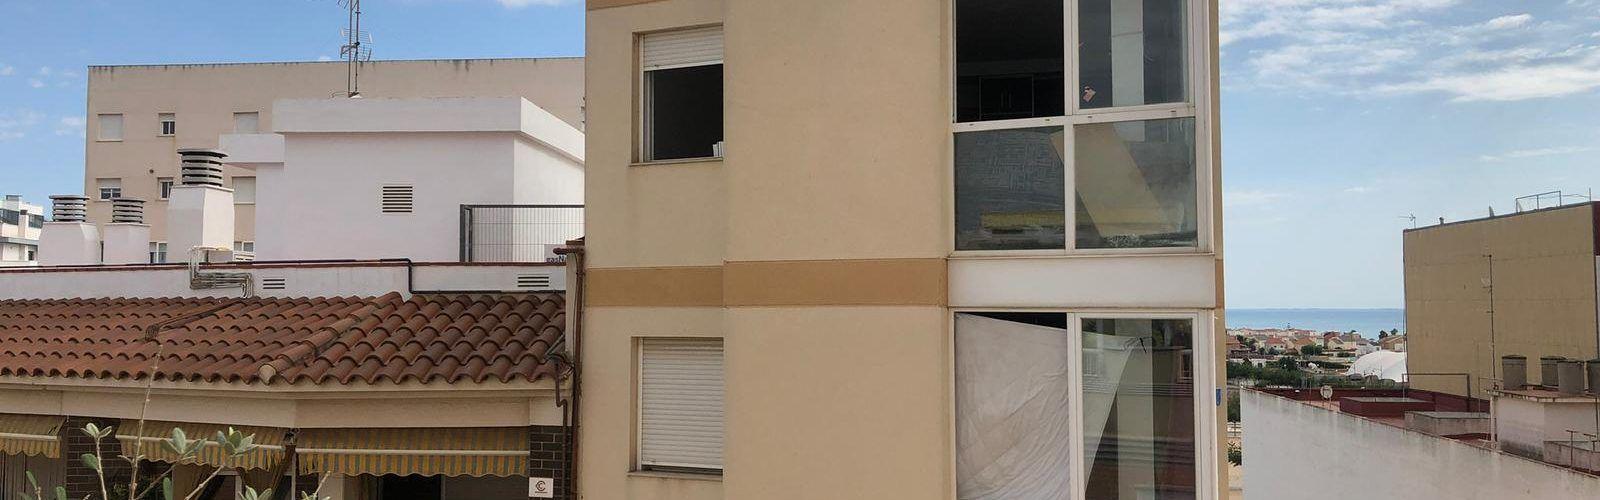 Recogida de firmas para protestar por el estado de un edificio abandonado en Vinaròs